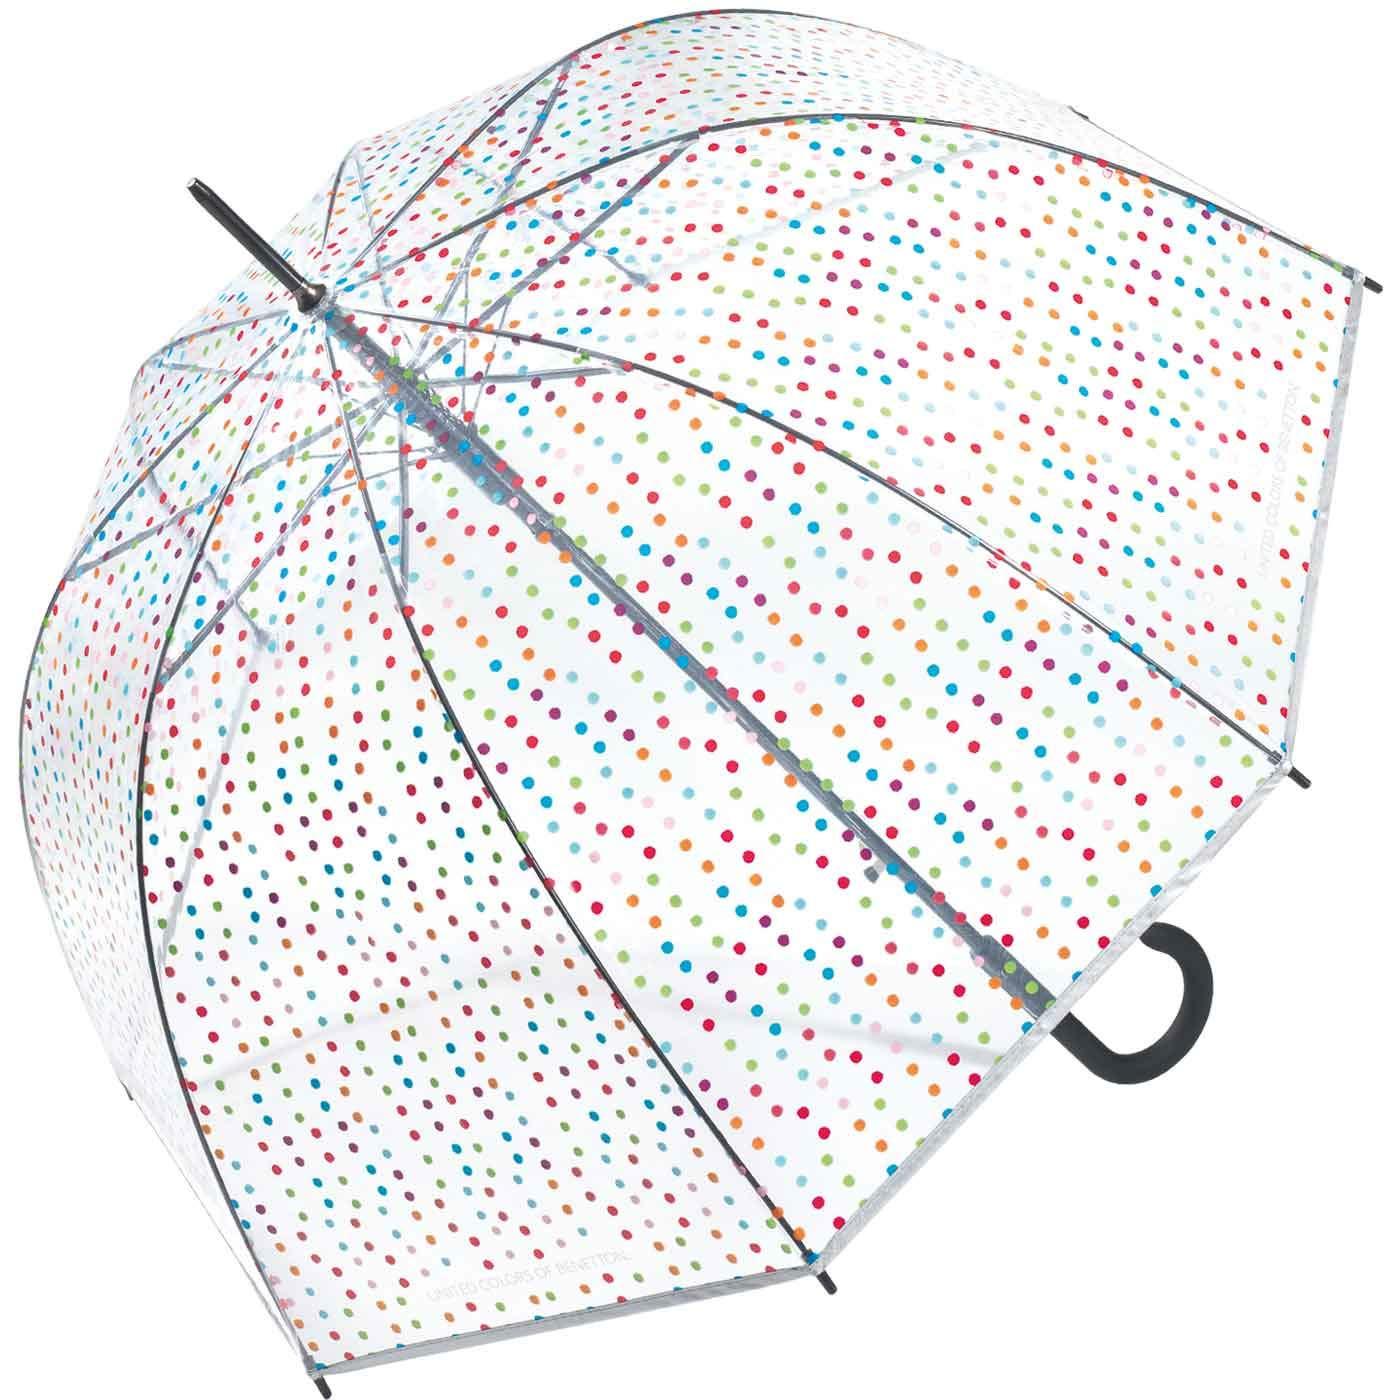 Divertido paraguas con lunares de colores y forma de campana.